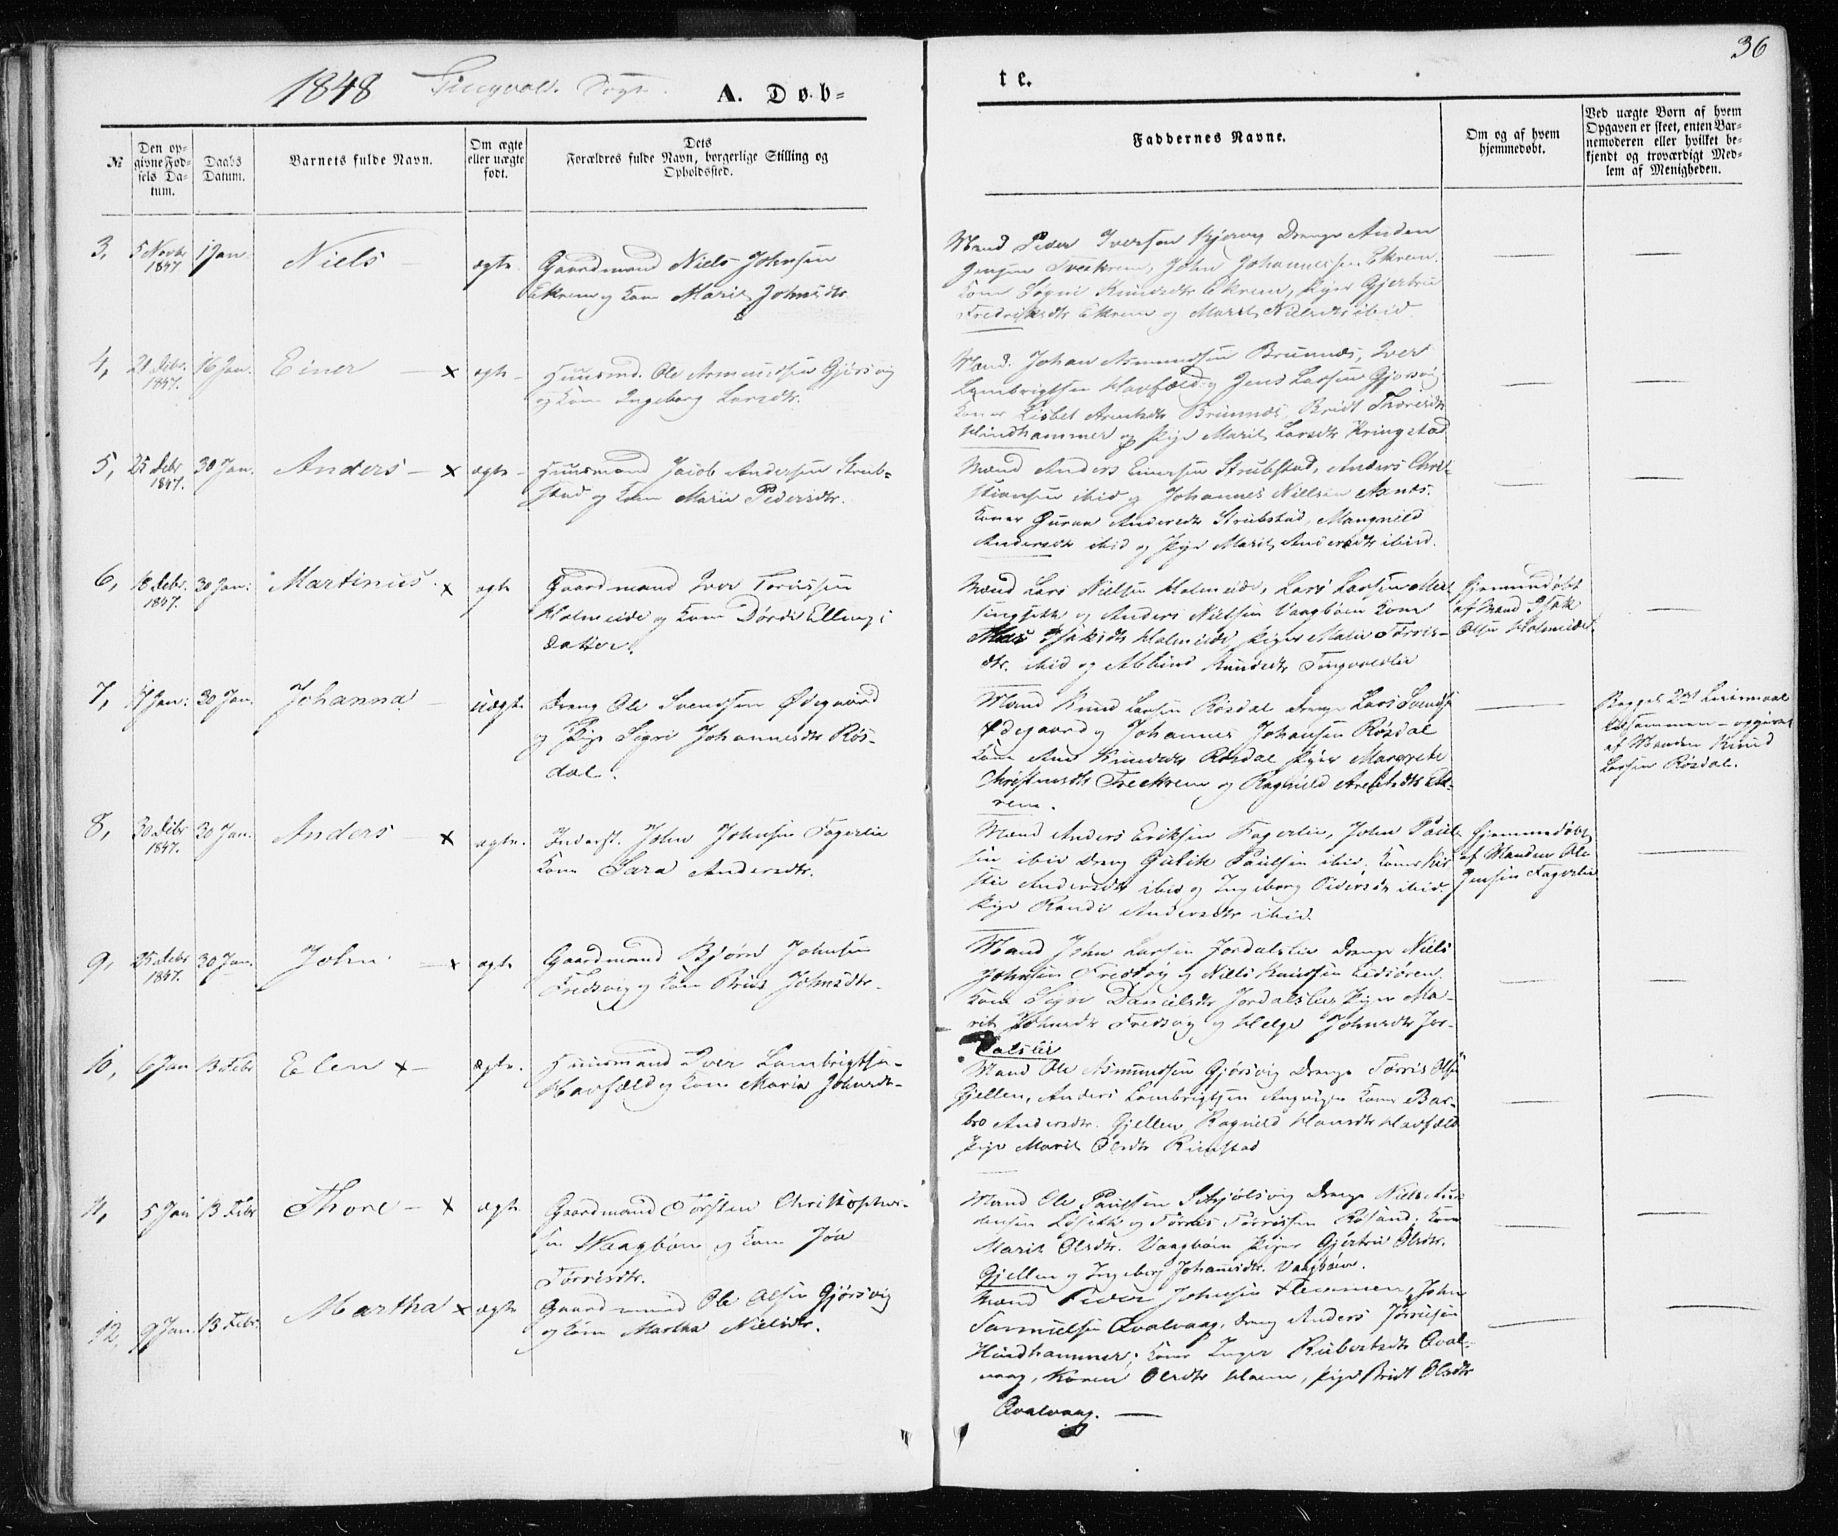 SAT, Ministerialprotokoller, klokkerbøker og fødselsregistre - Møre og Romsdal, 586/L0984: Parish register (official) no. 586A10, 1844-1856, p. 36